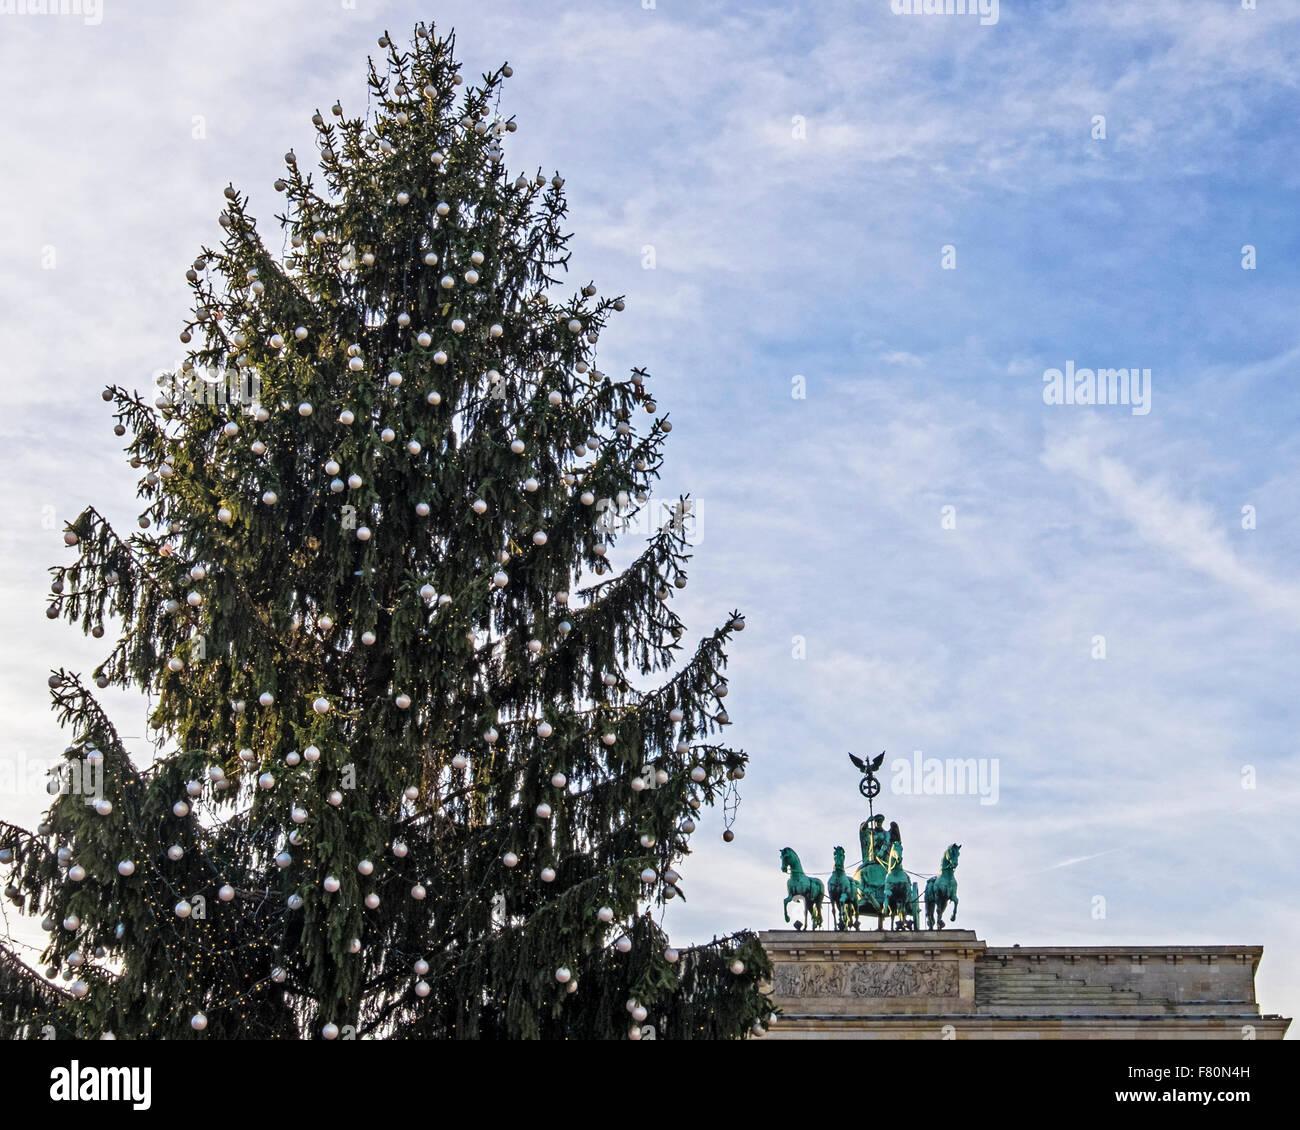 Pariser Platz, Berlin, Deutschland, 3. Dezember 2015. Ein ...